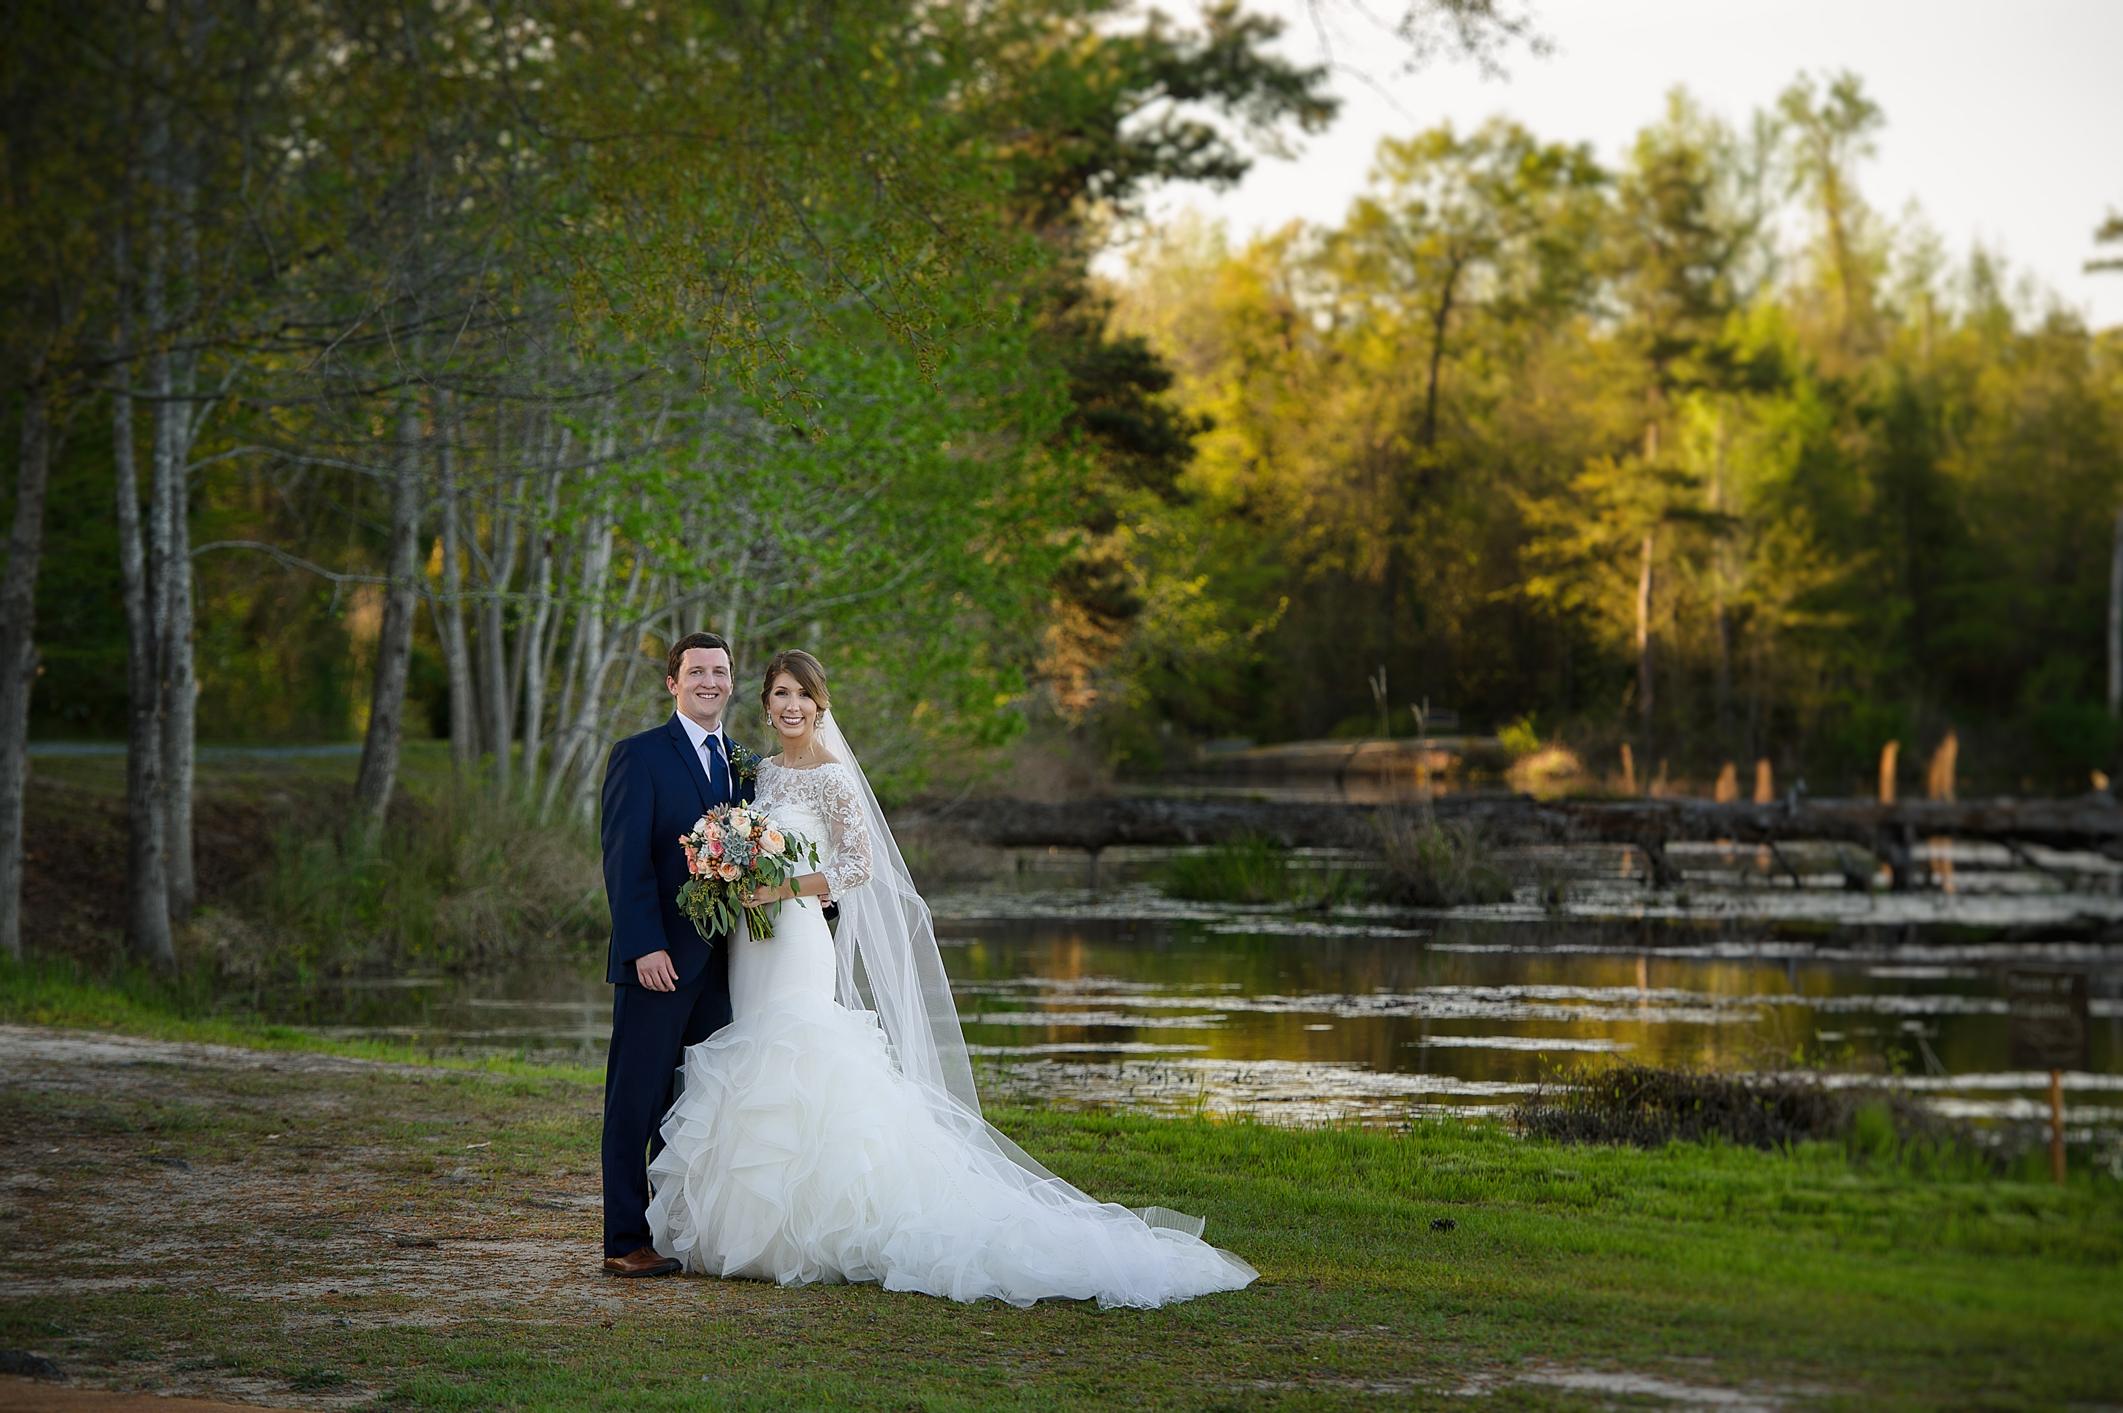 BRIDE AND GROOM PHOTOS-4.JPG